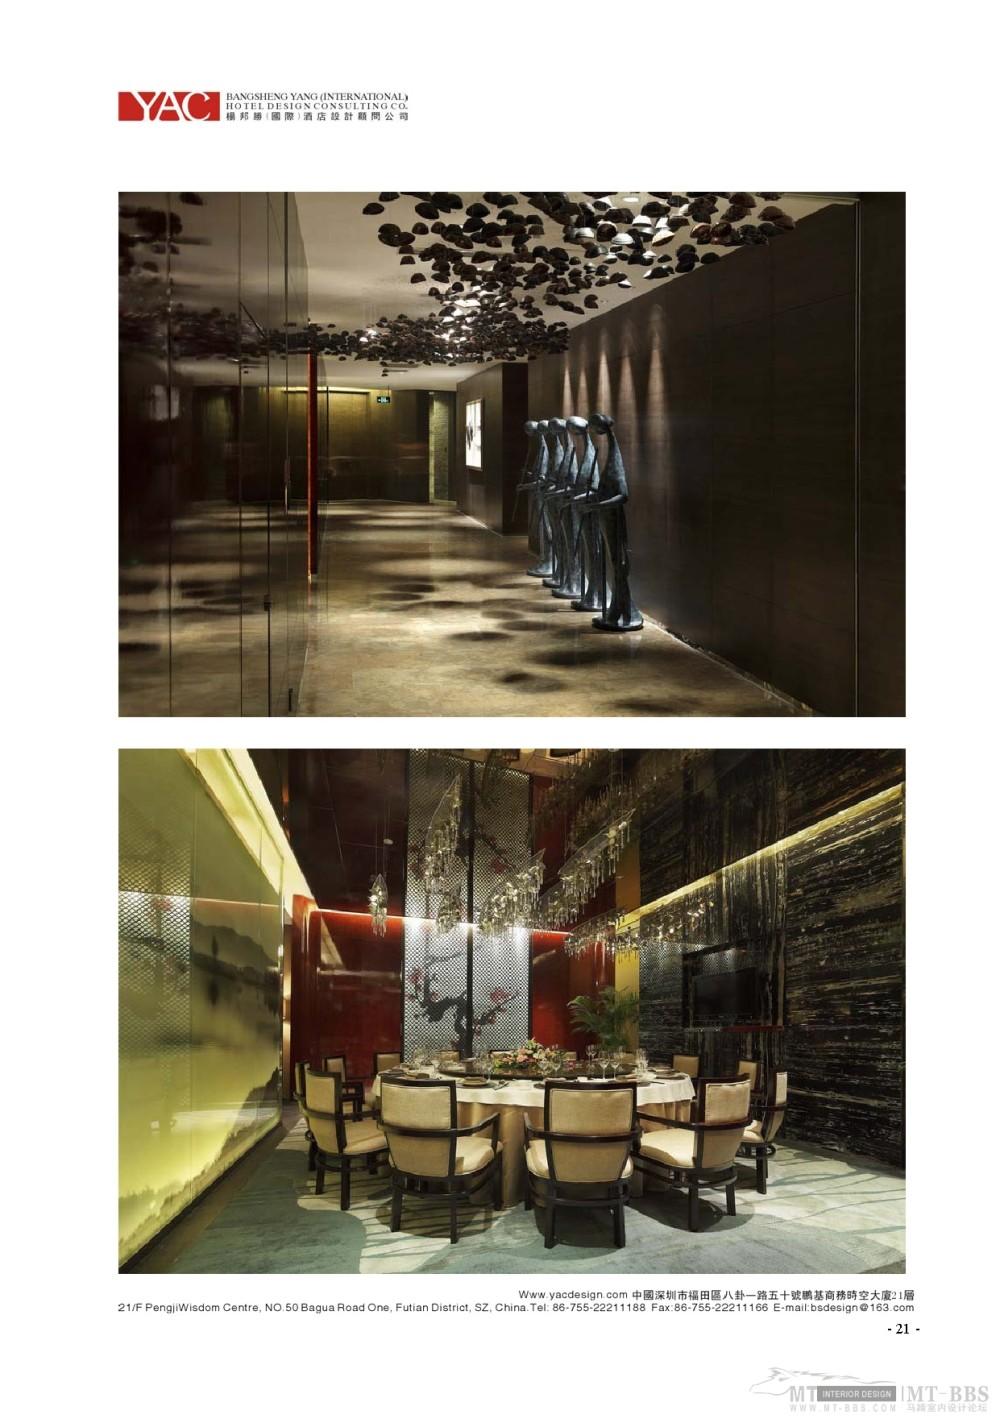 杨邦胜_2011.03.30YAC(国际)杨邦胜酒店设计顾问公司简介_页面_21.jpg